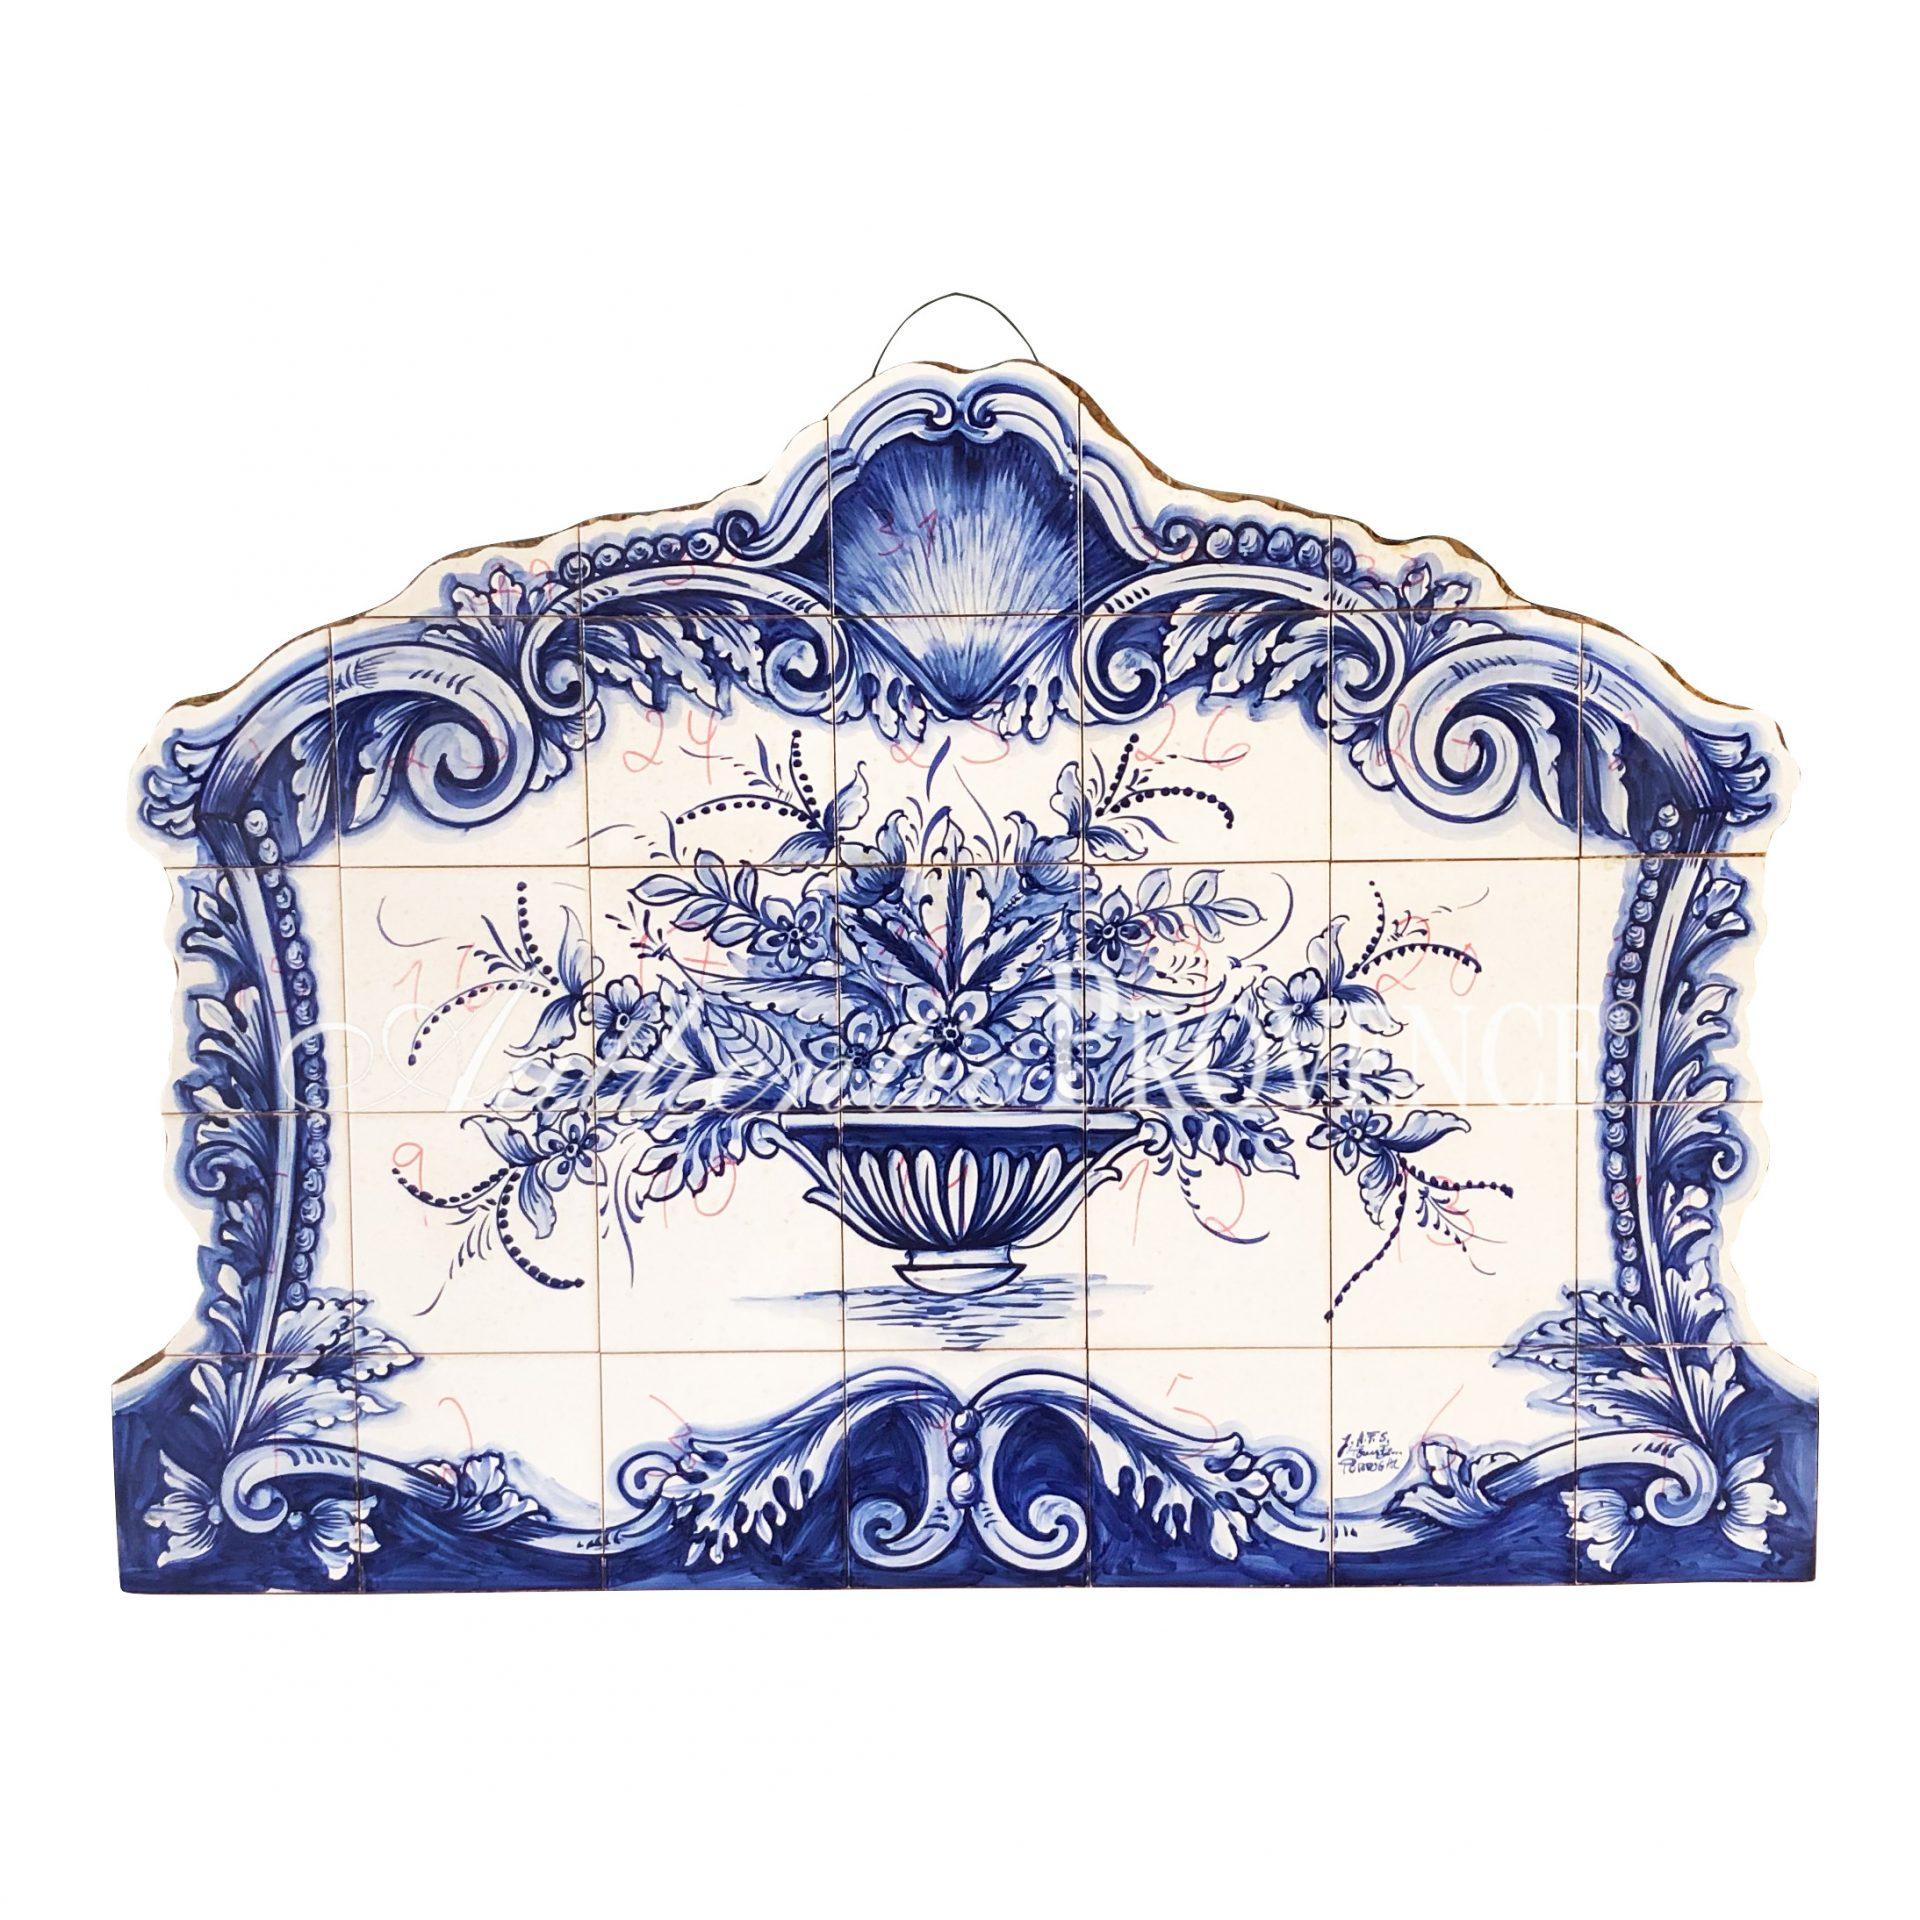 Azulejos Evora